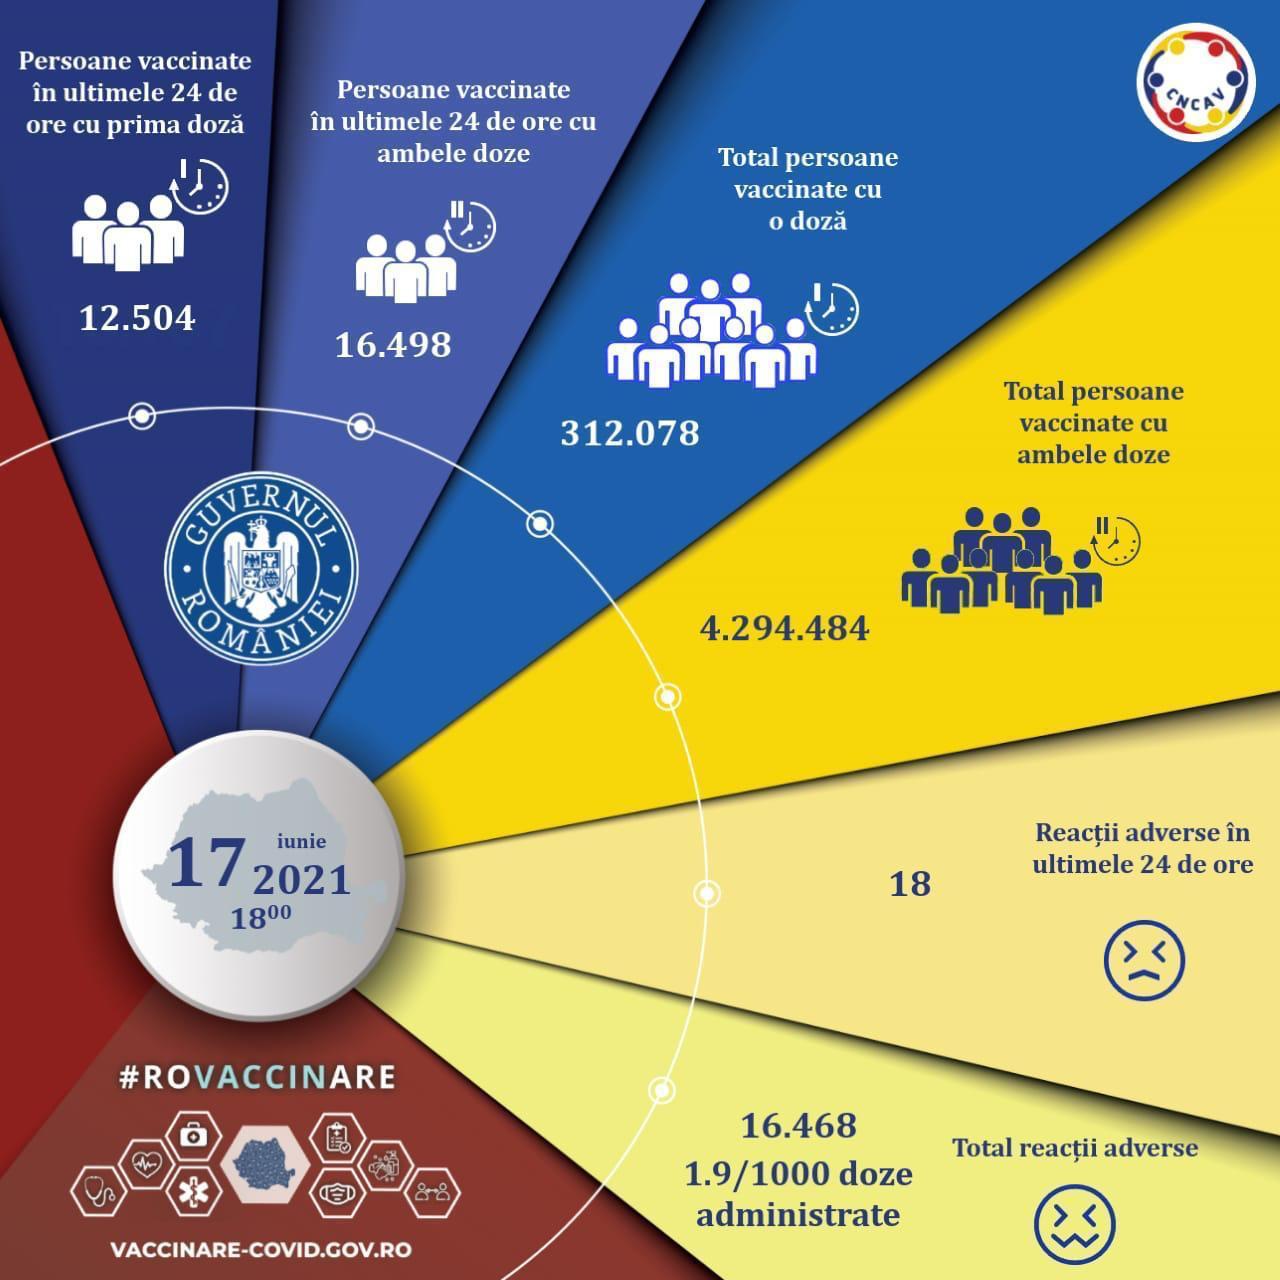 Bilanț vaccinare, 17 iunie 2021. Peste 29.000 de români, vaccinați în ultimele 24 de ore